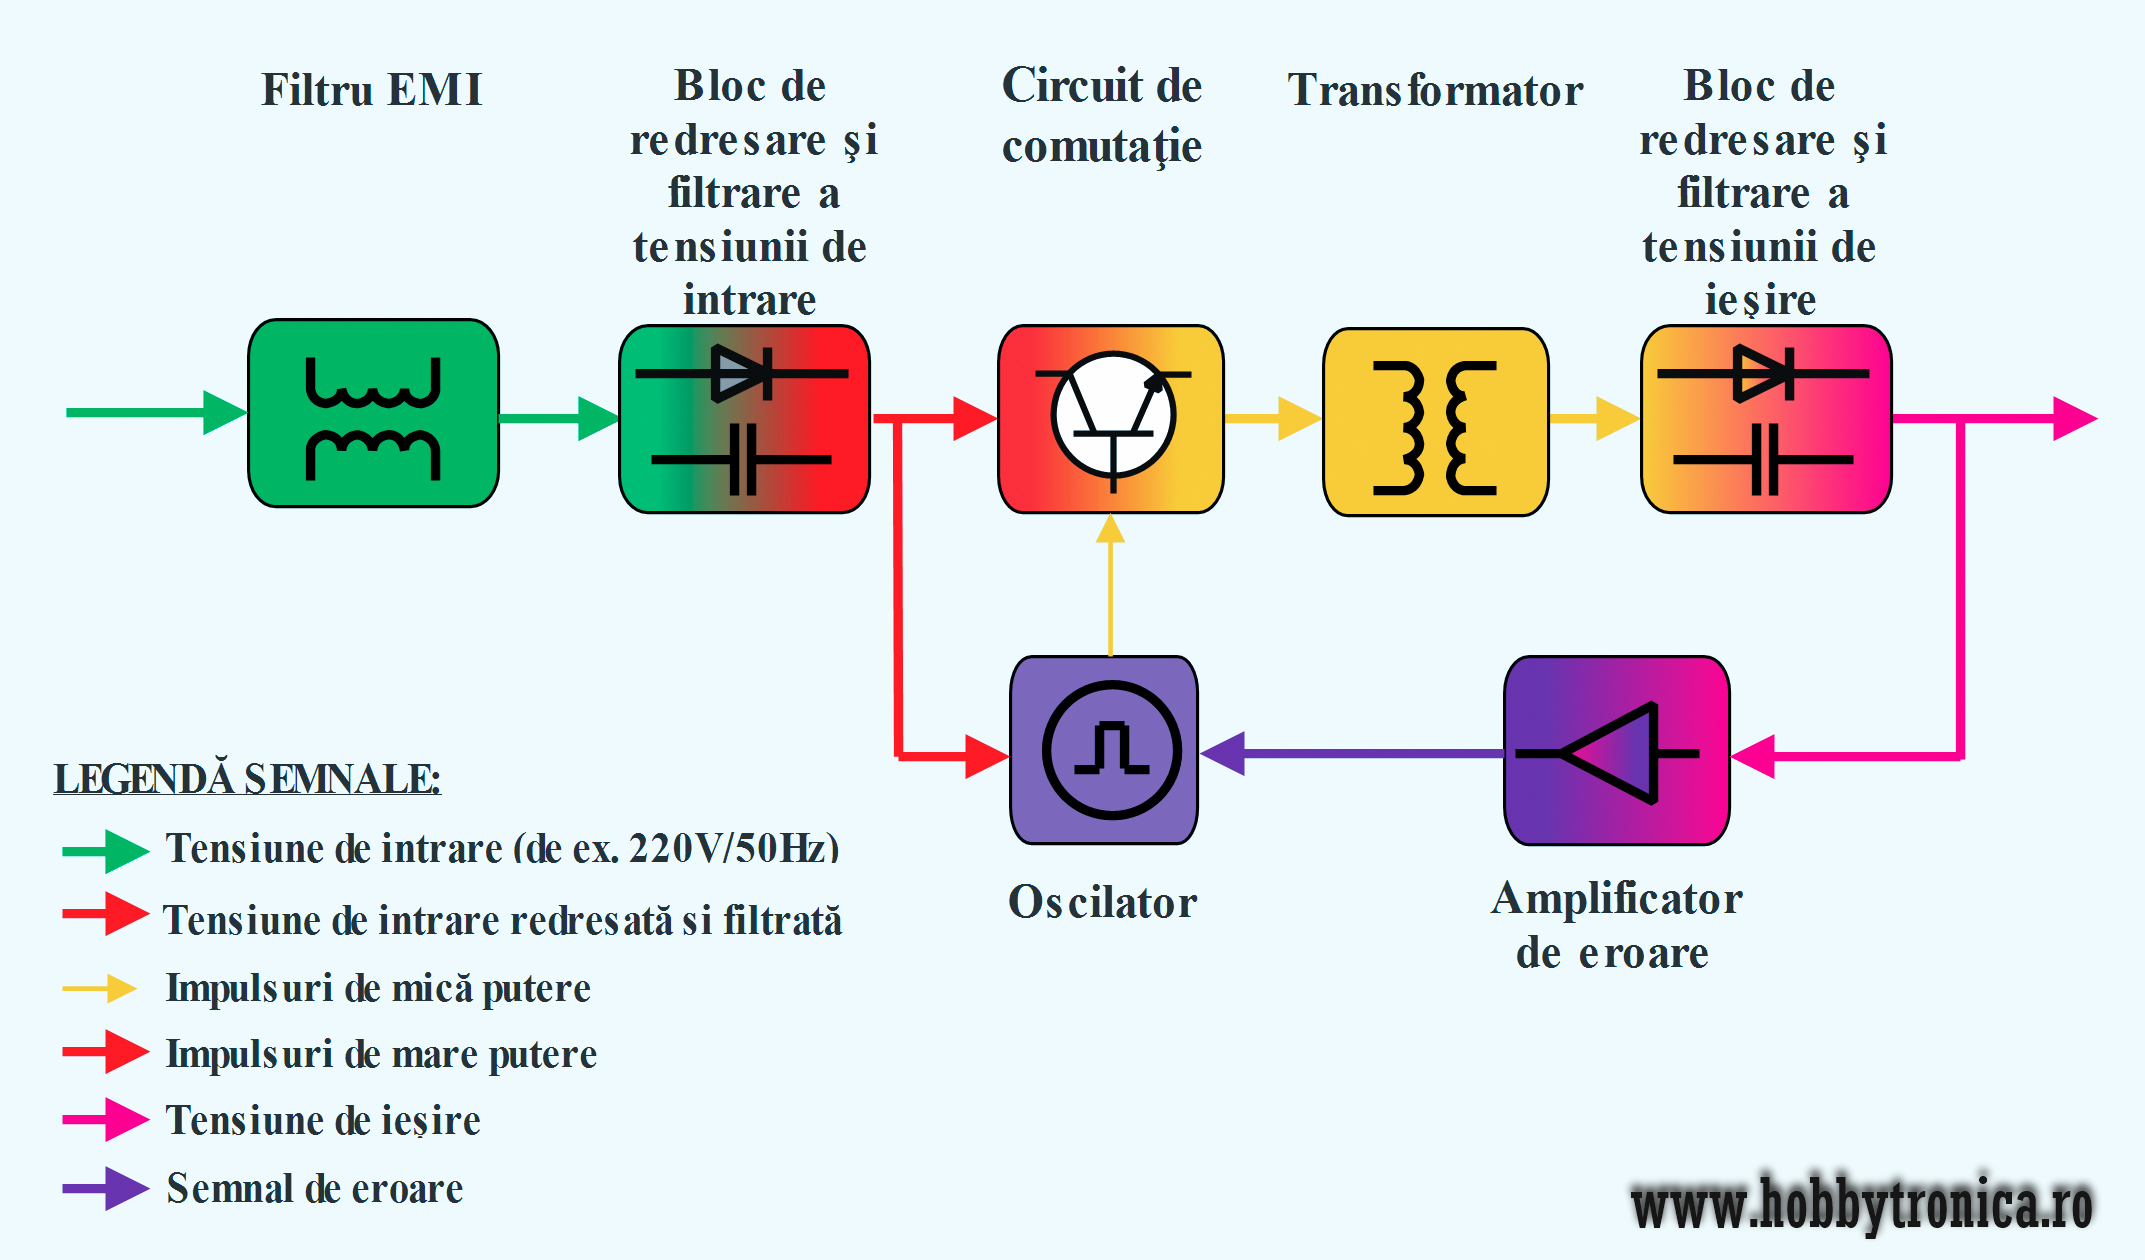 Figura 1. Structura generala a unei surse de alimentare in comutatie - Hobbytronica